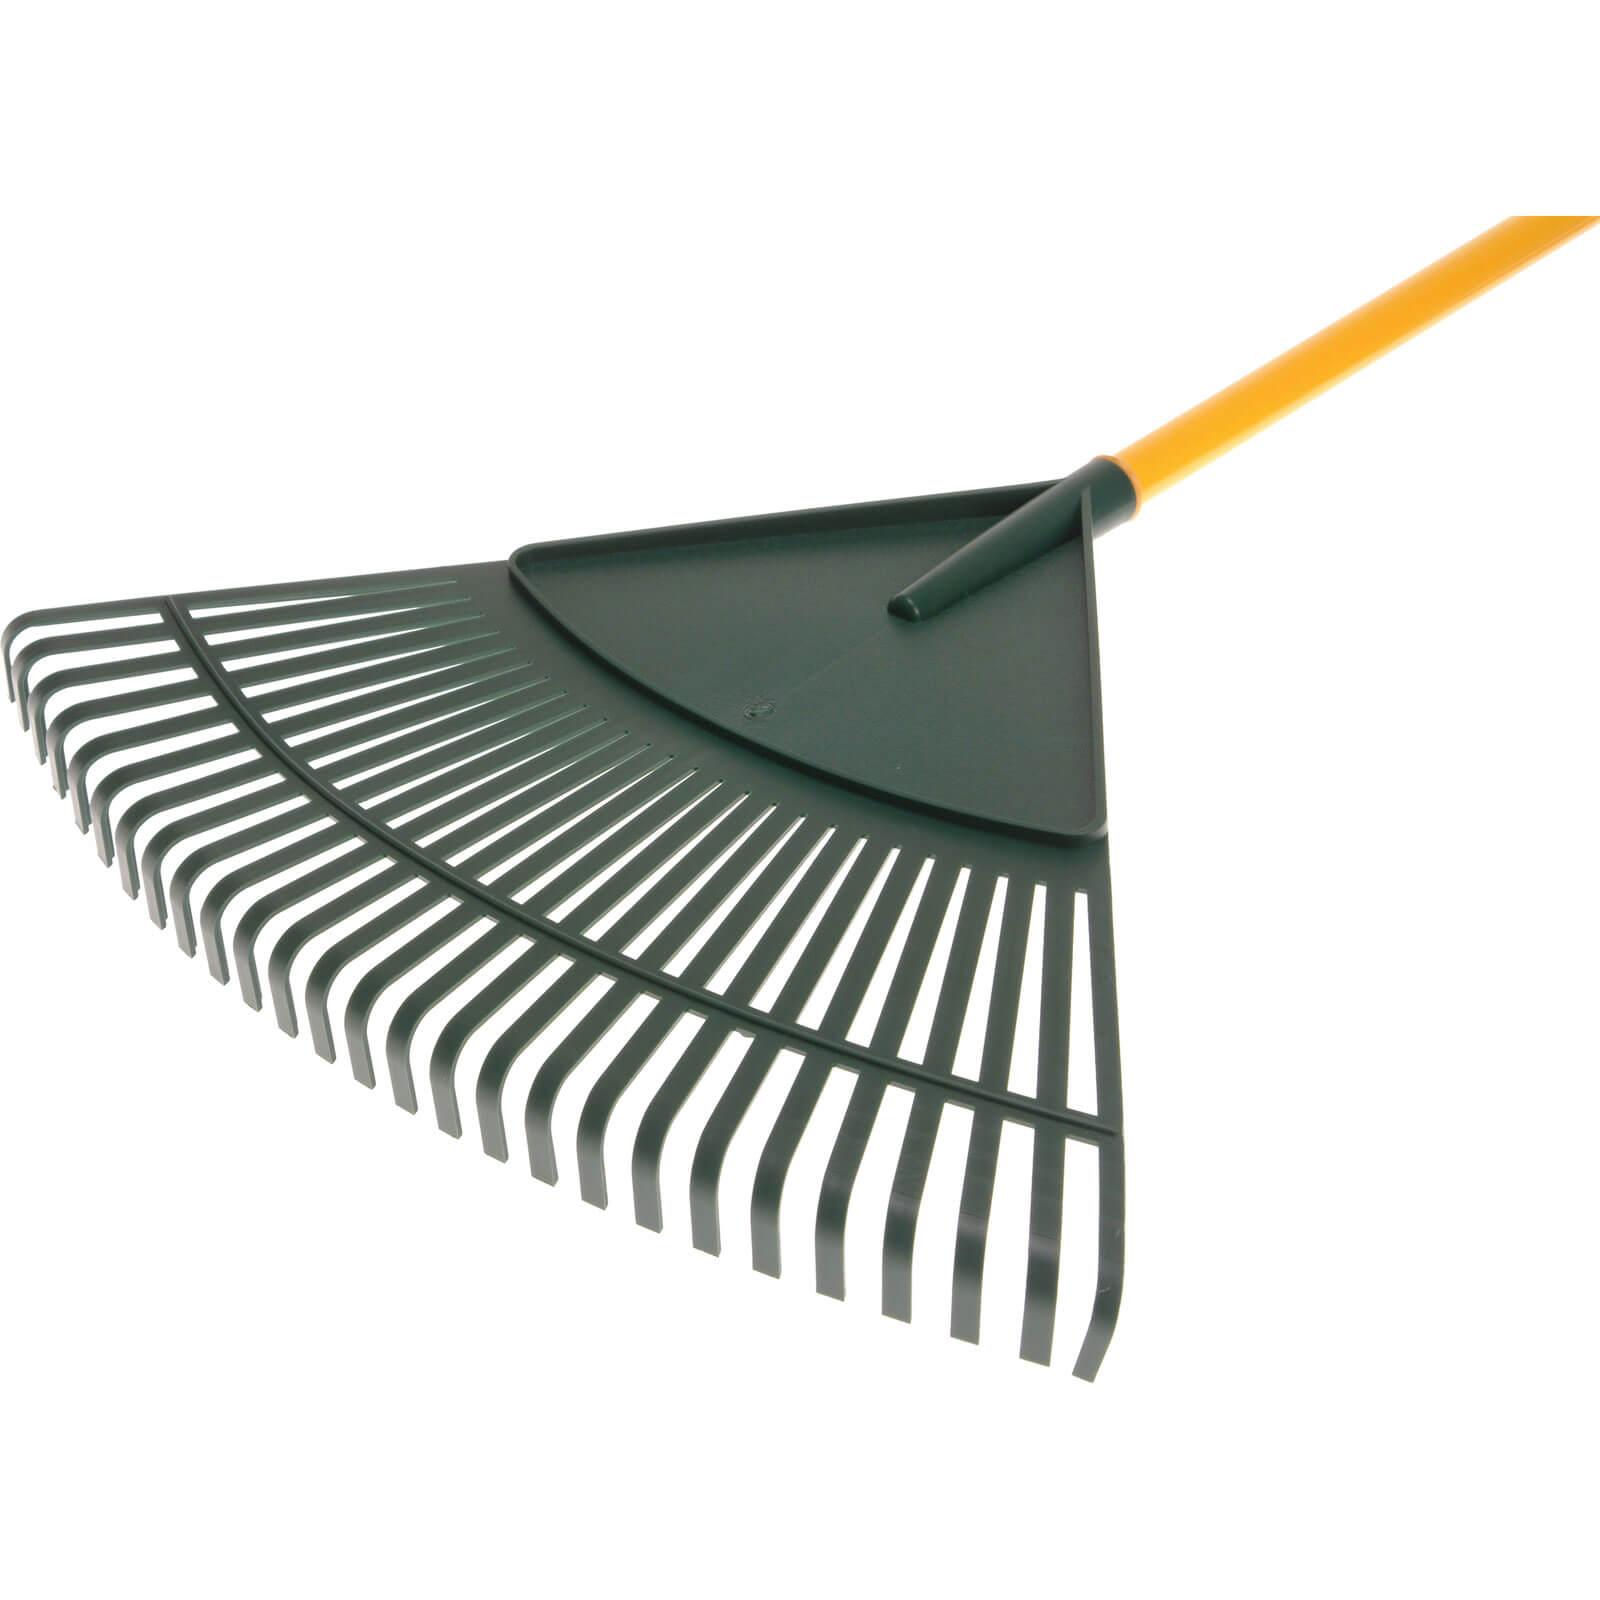 Faithfull Fibreglass Handled Leaf Rake